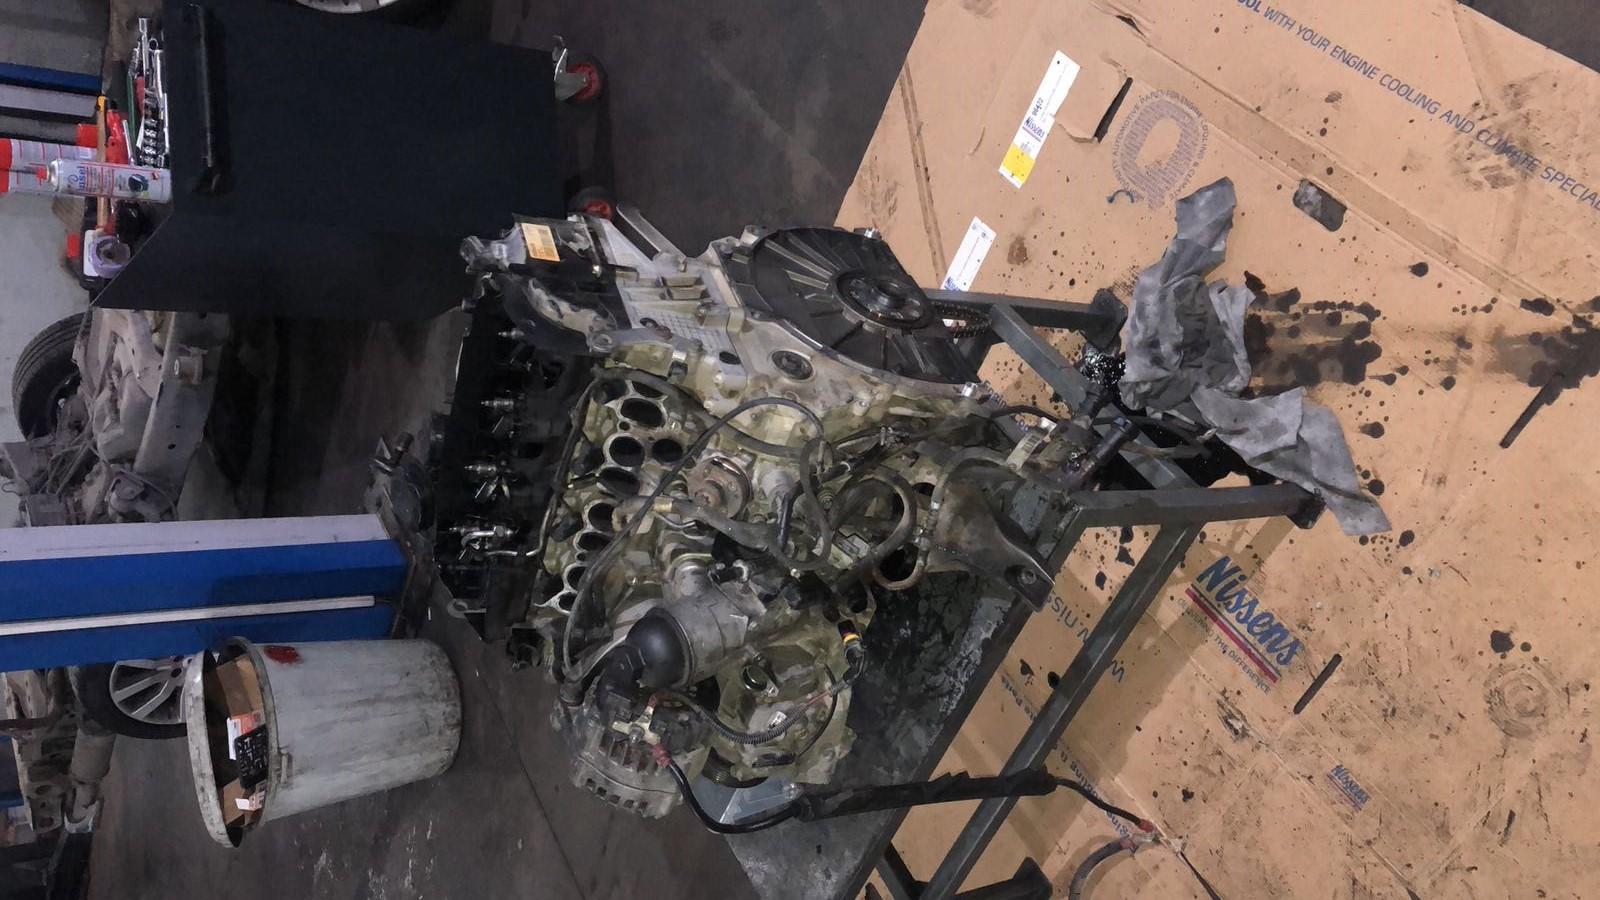 İzmir Range Rover Periyodik Bakım, Motor Yağı, Yağ Filtresi, Hava Filtresi, Polen Filtresi ve Yakıt Filtresi Değişimi